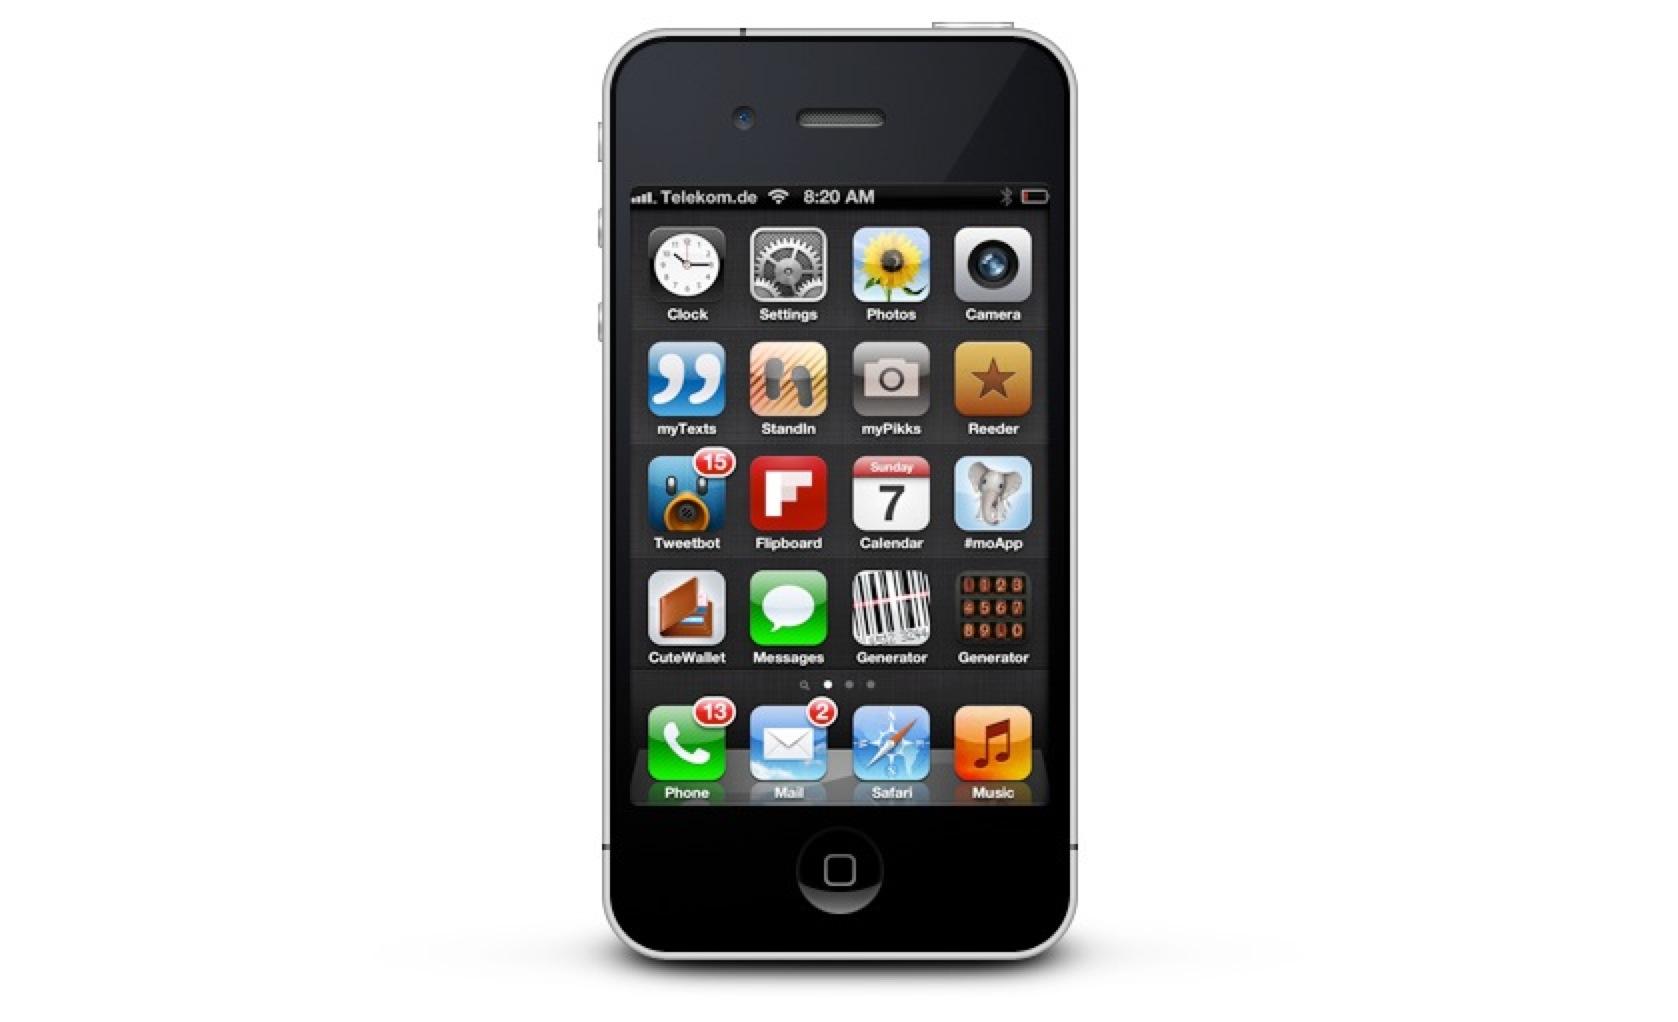 Live Wallpaper for iPhone 4 WallpaperSafari